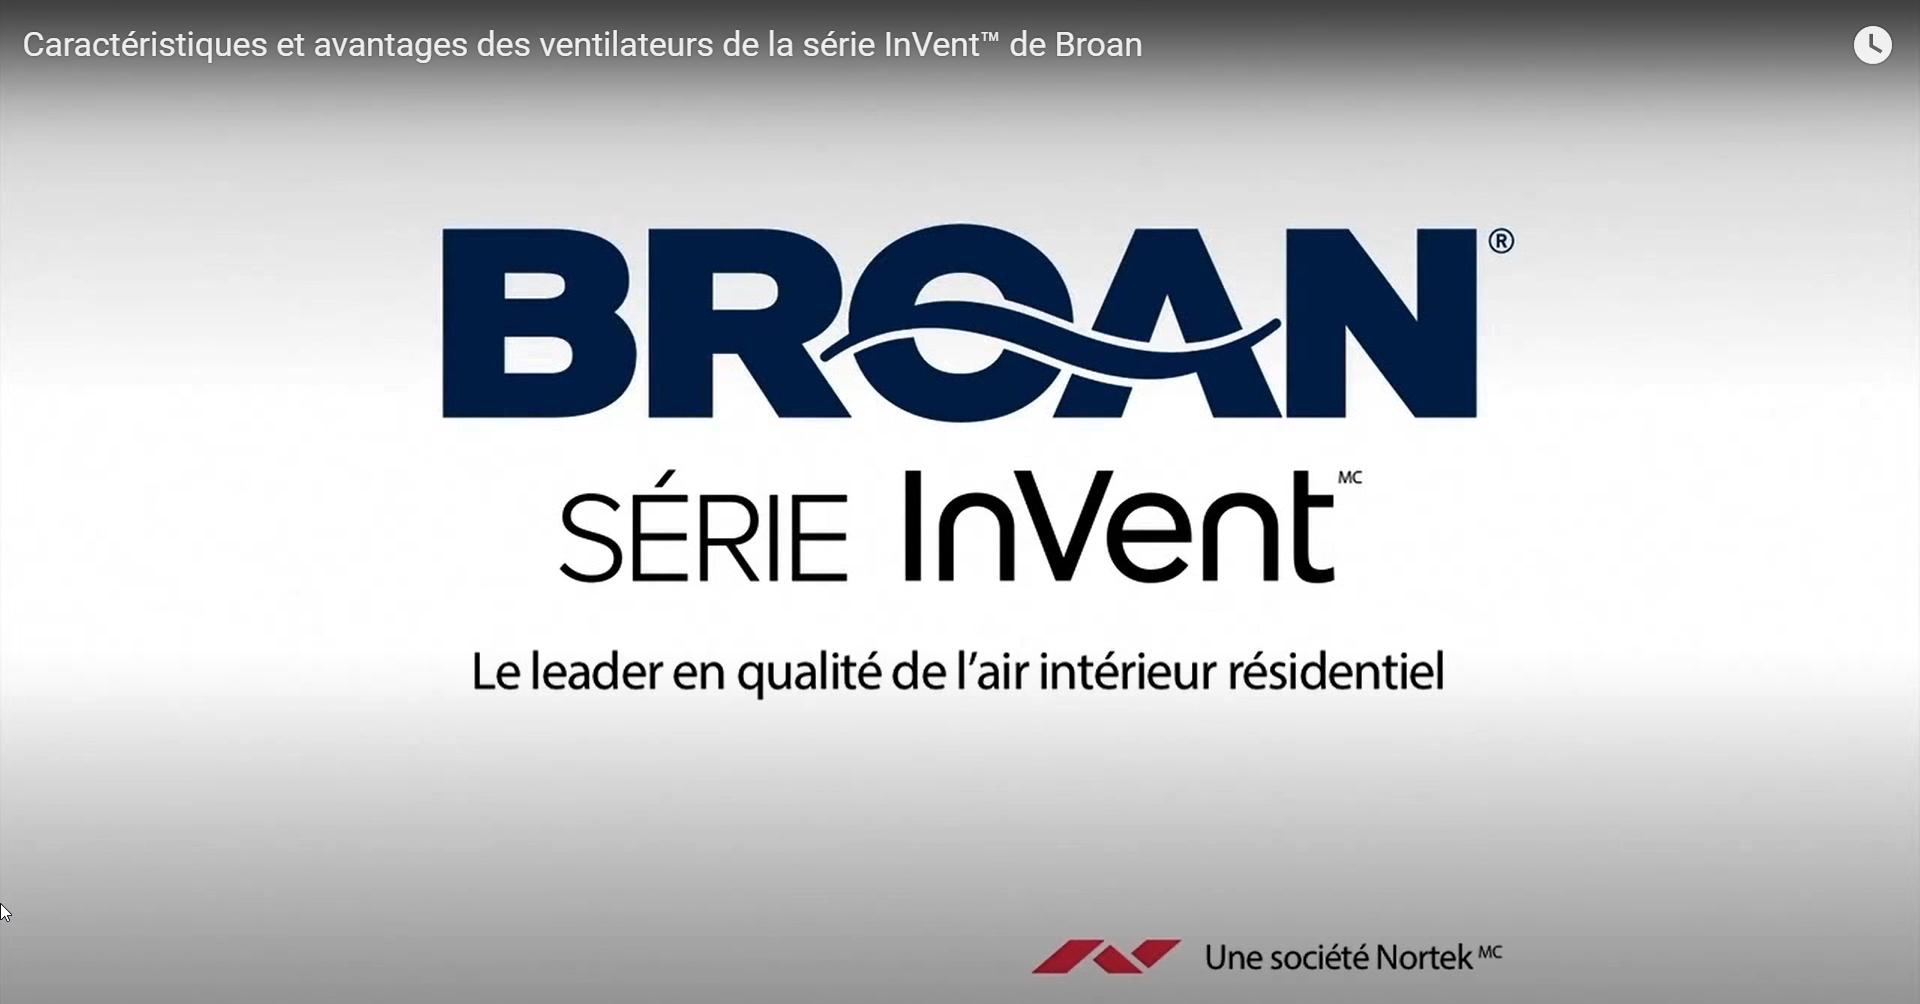 CA-FR Caractéristiques et avantages des ventilateurs de la série InVent™ de Broan